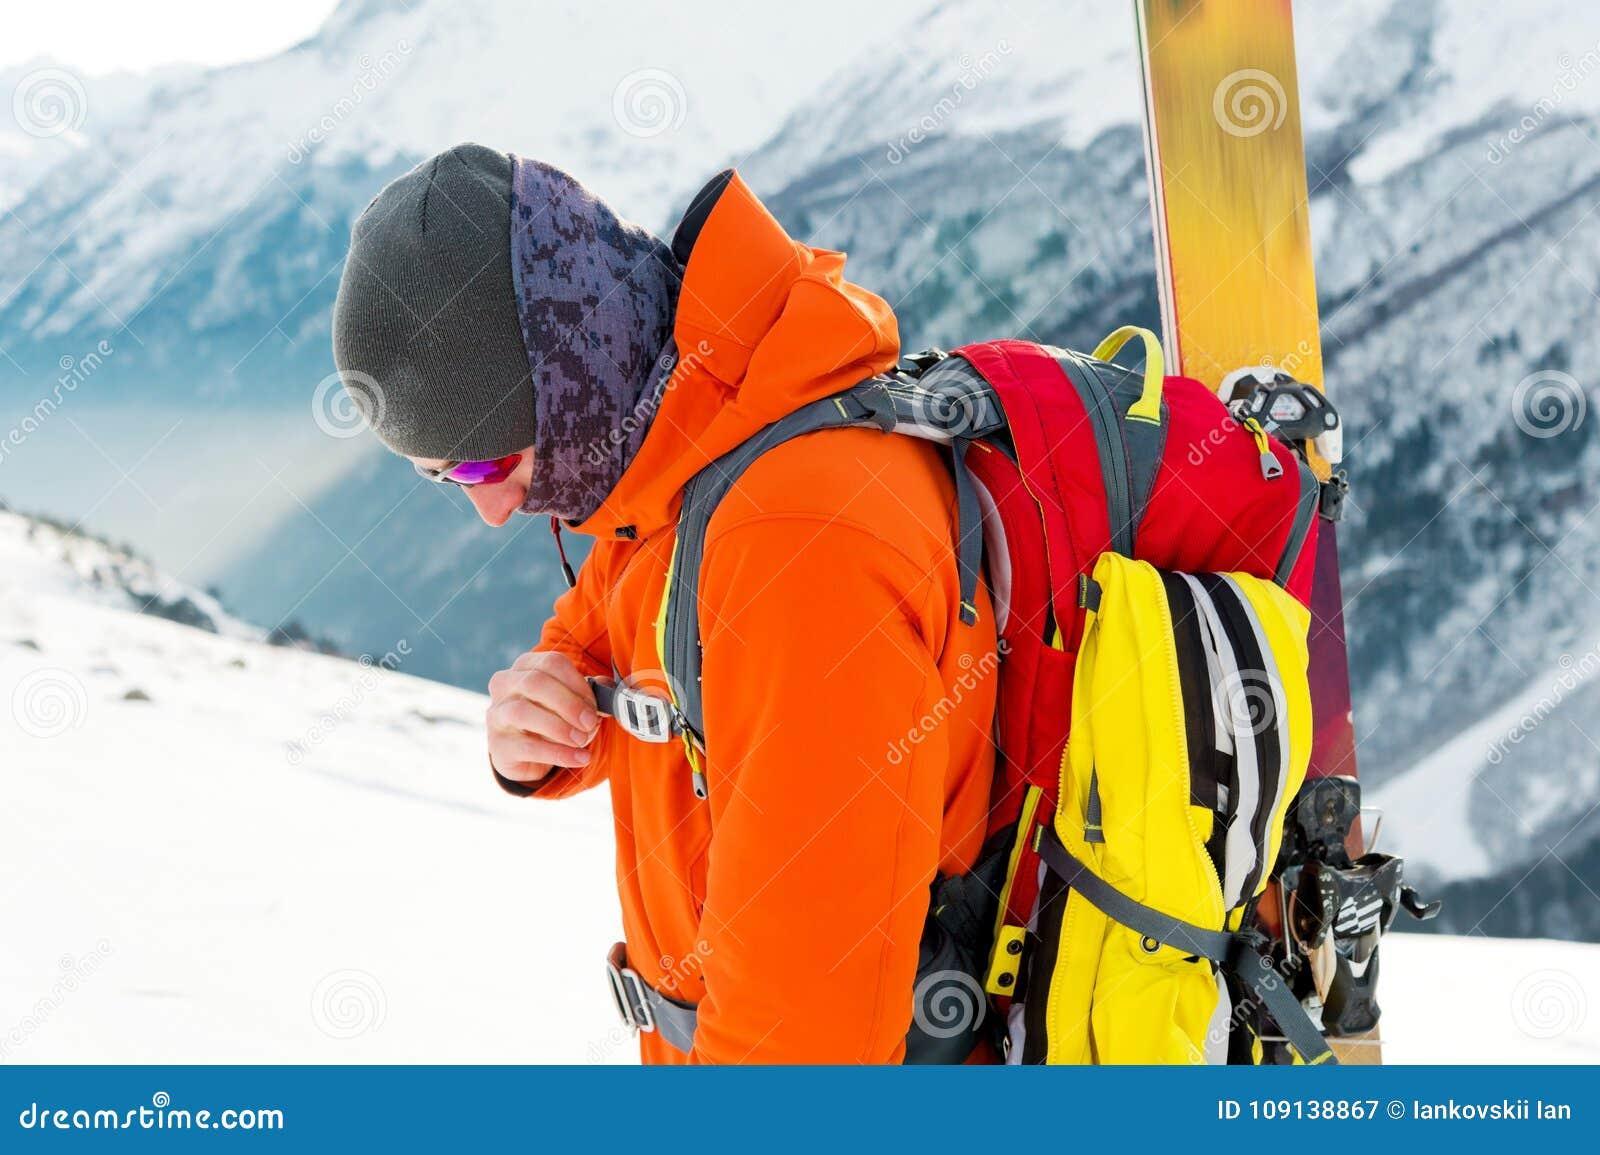 Um retrato do close-up de um esquiador do freeride na trilha de escalada para a freeride-descida